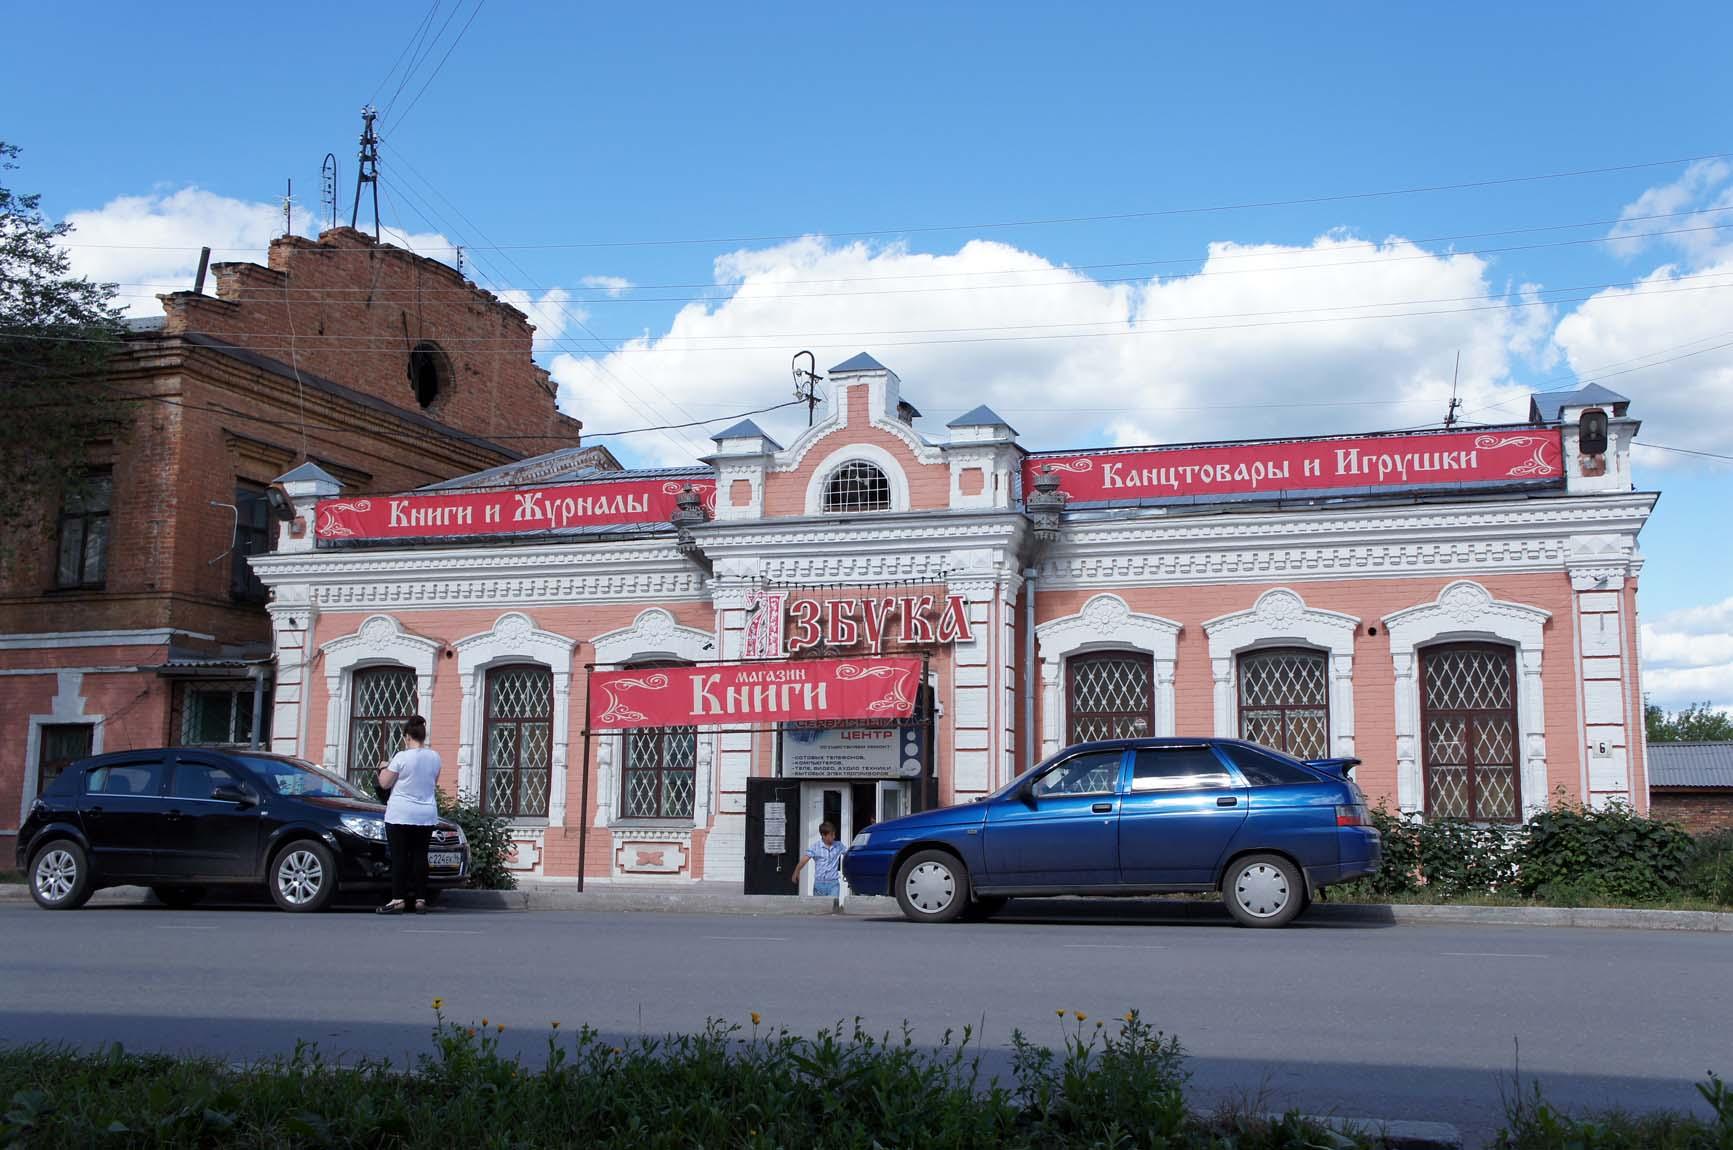 Ирбит. Новый старый город